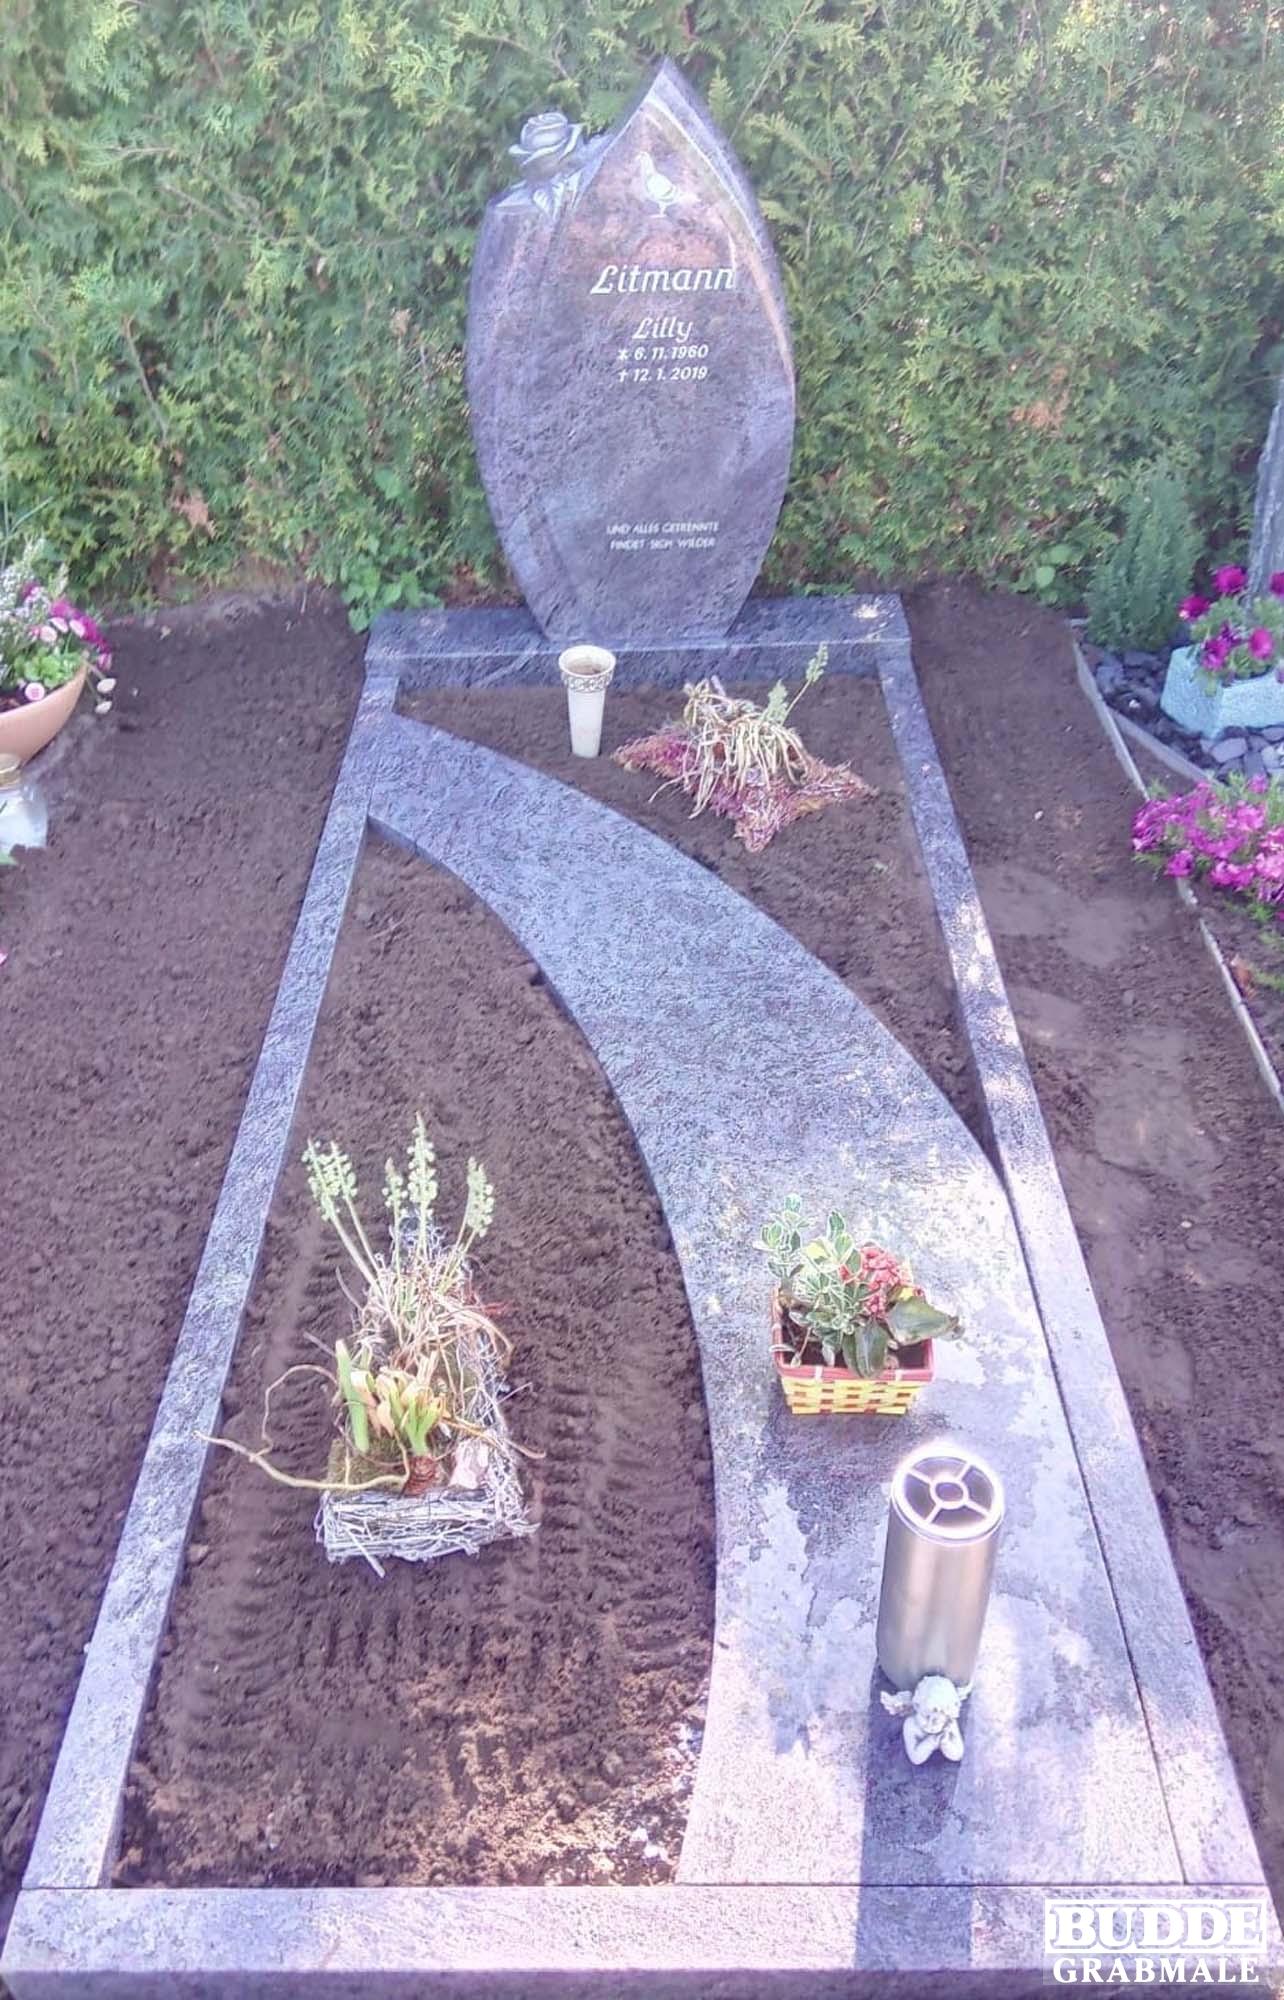 Lette_Oelde, Grabstein mit Einfassung und Teilabdeckplatte Orion Granit